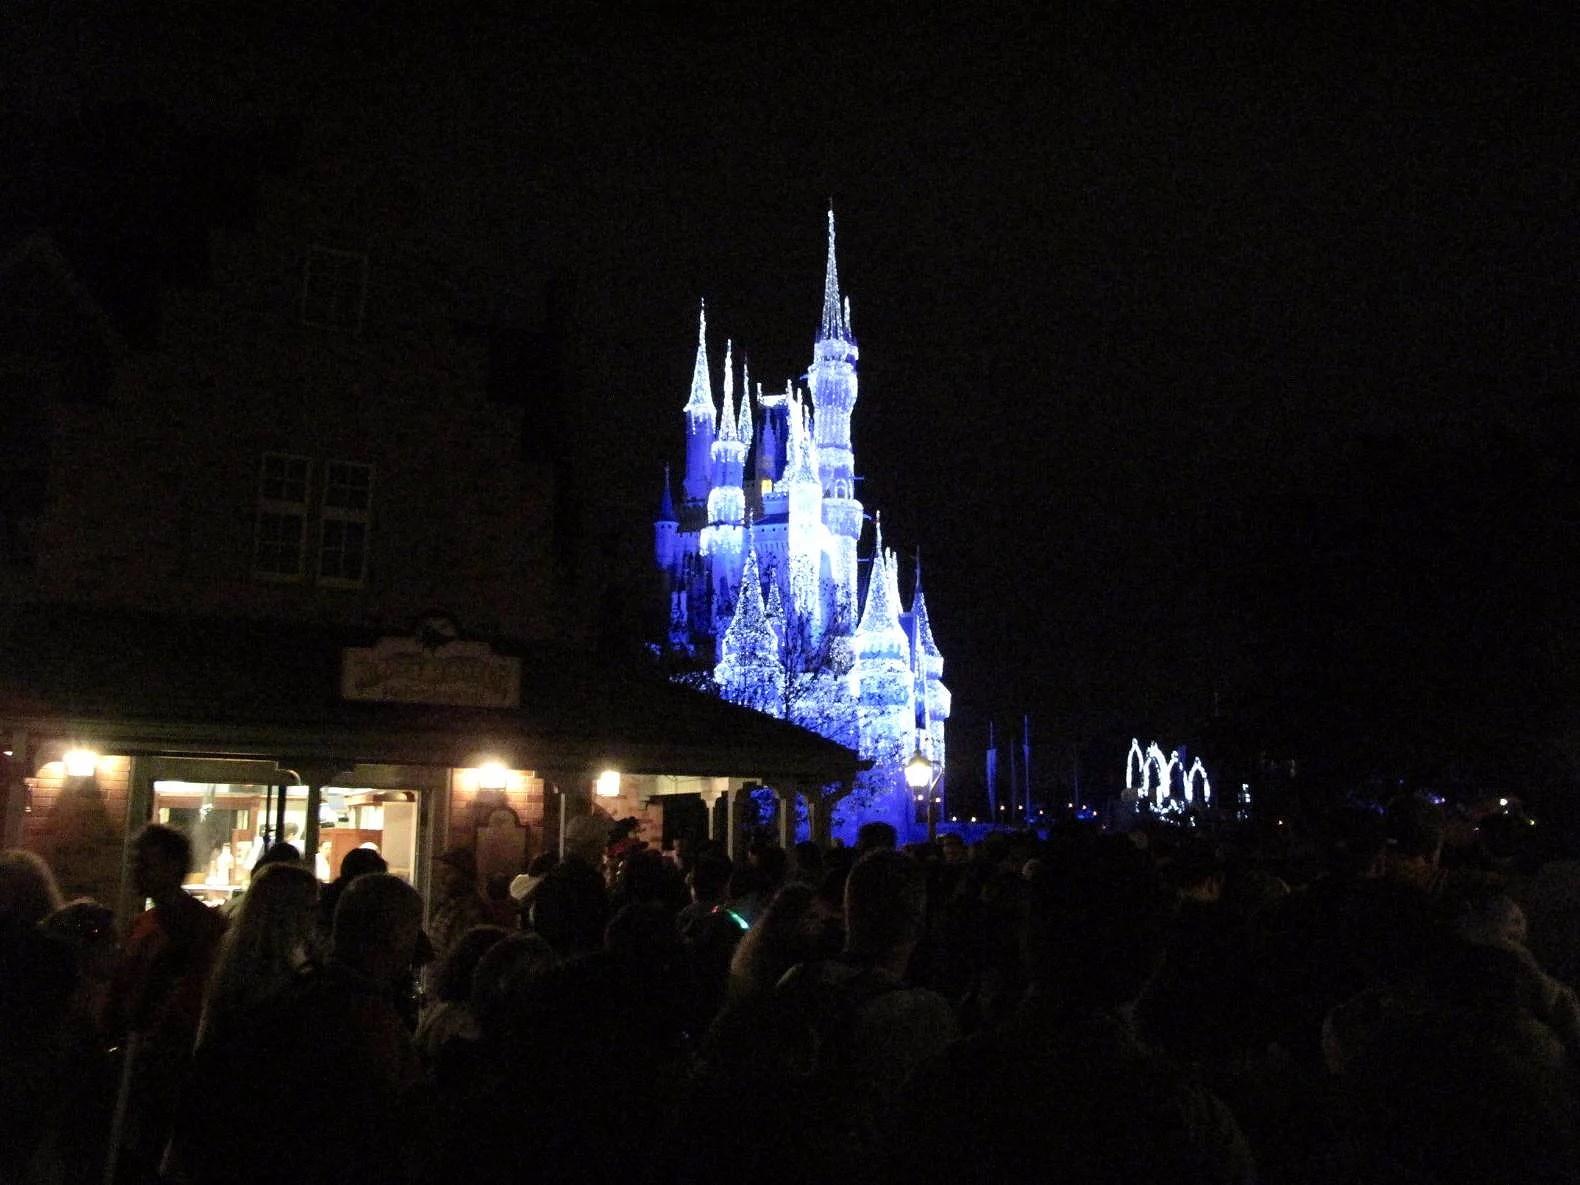 Sista visningen av Wishes på Magic Kingdom